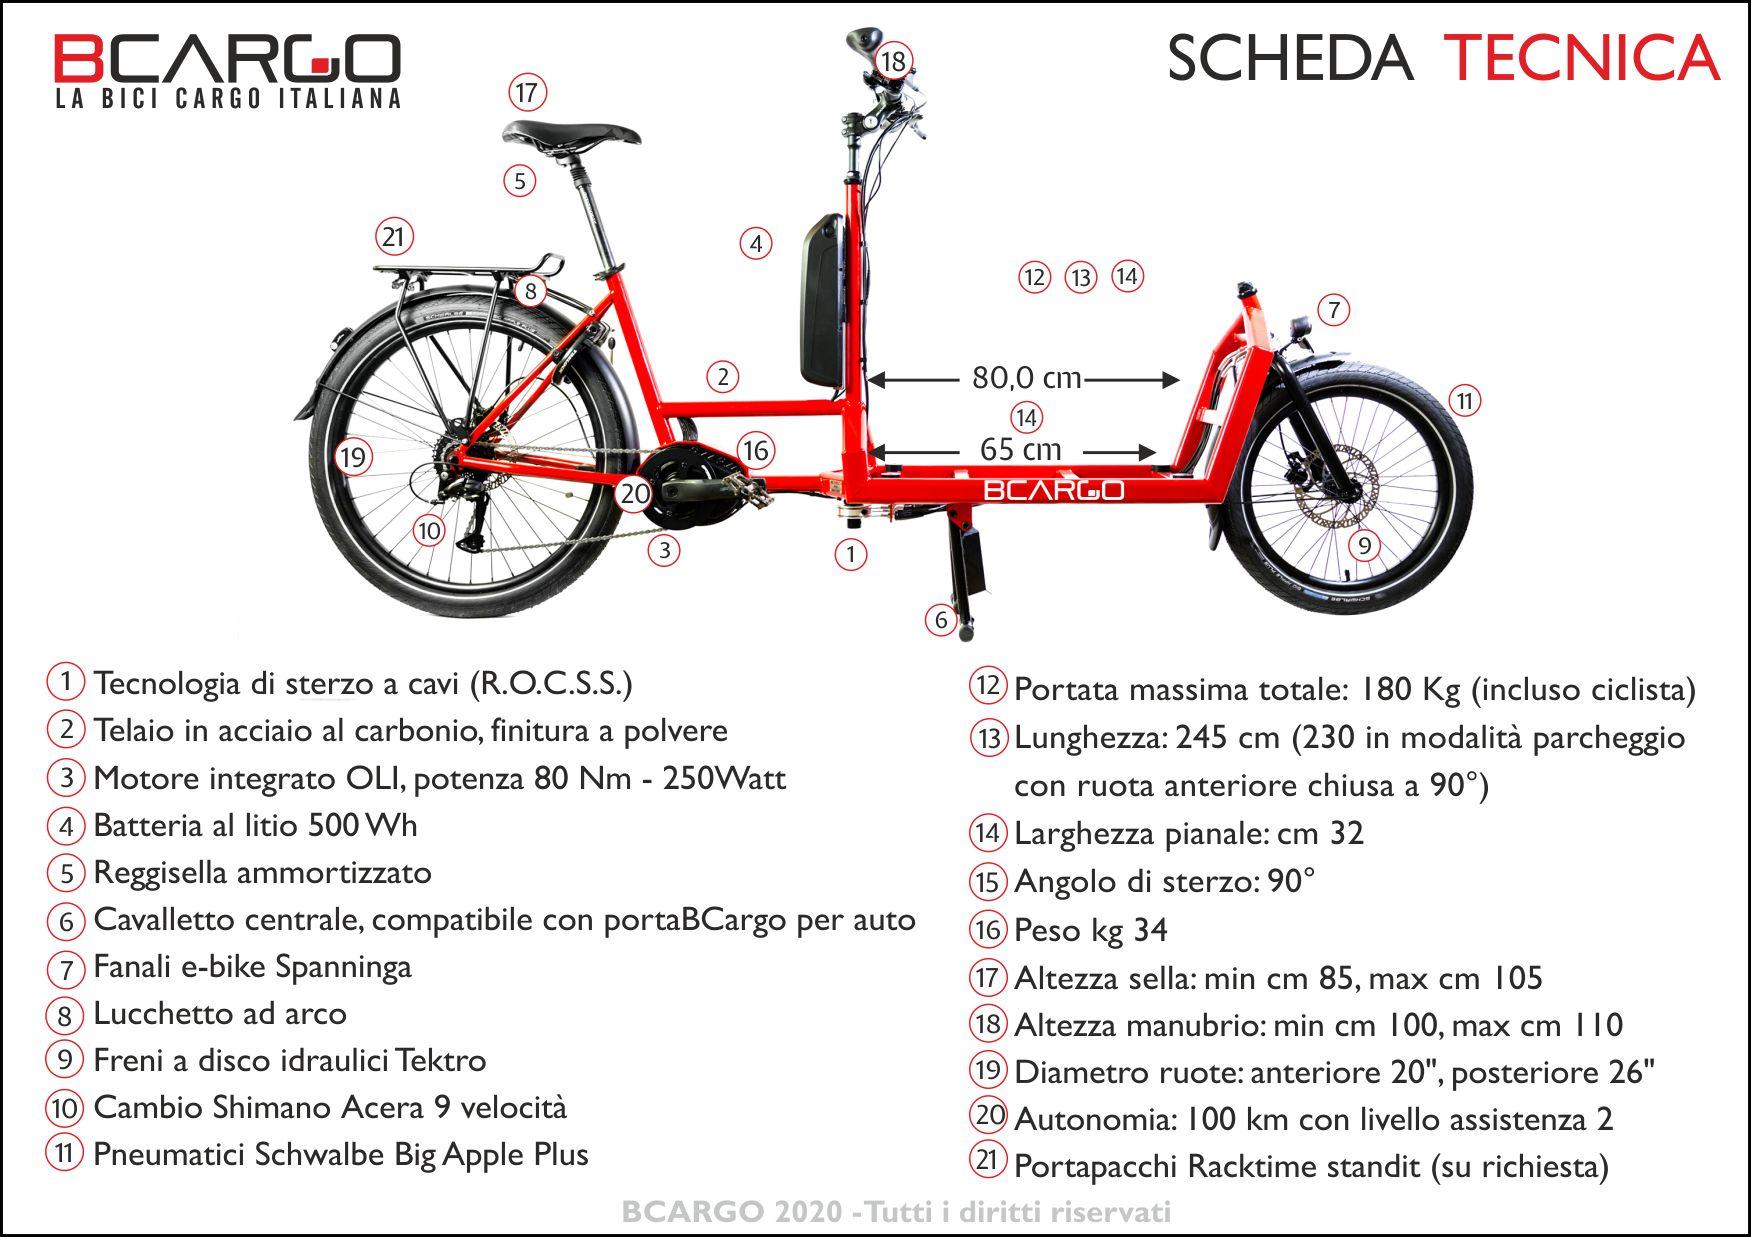 cargo e-bike BCargo scheda tecnica 2020